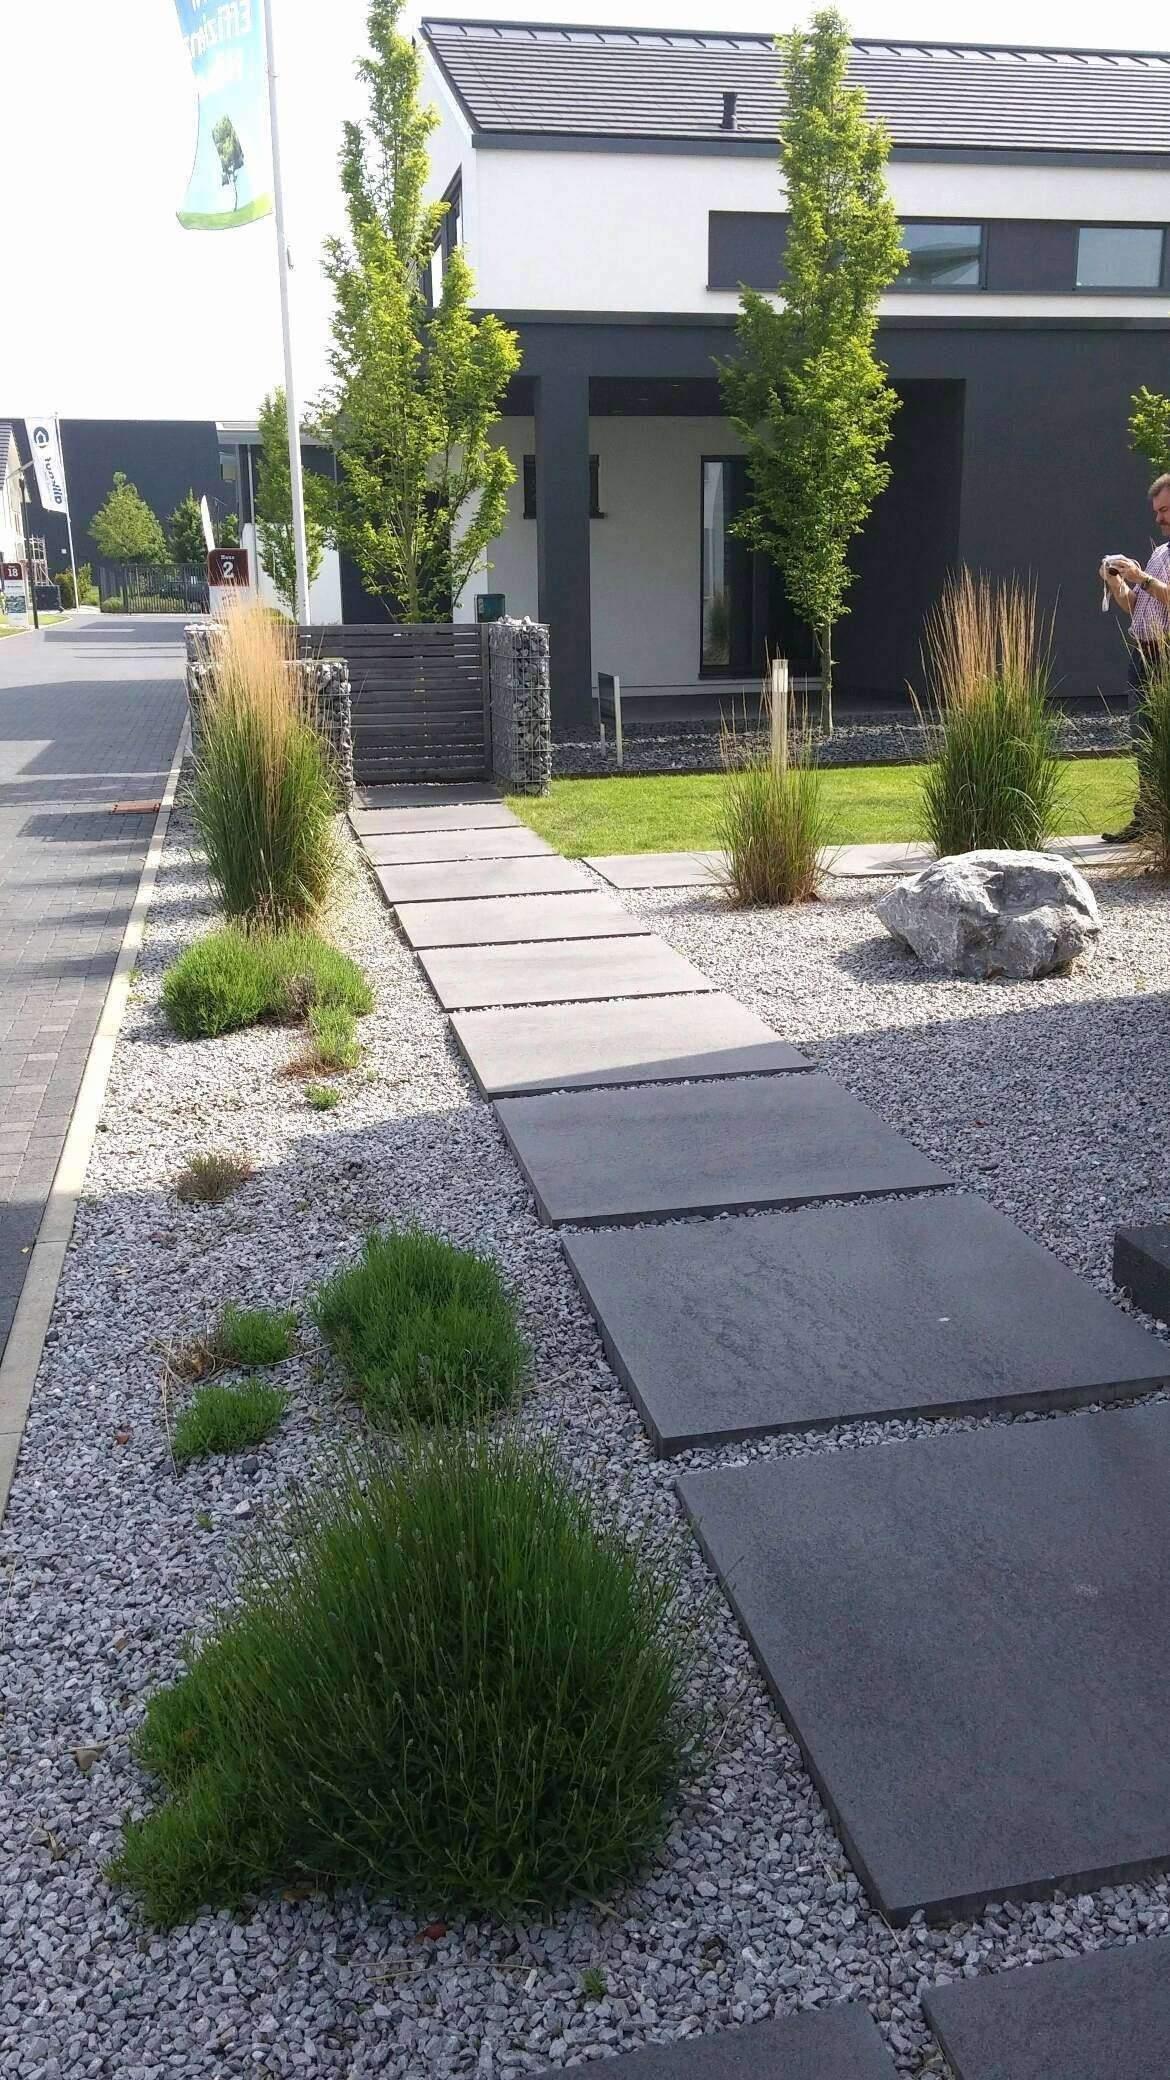 Deko Hund Garten Luxus Garten Und Landschaftsbau Firmen Elegant Garten Ideas Garten